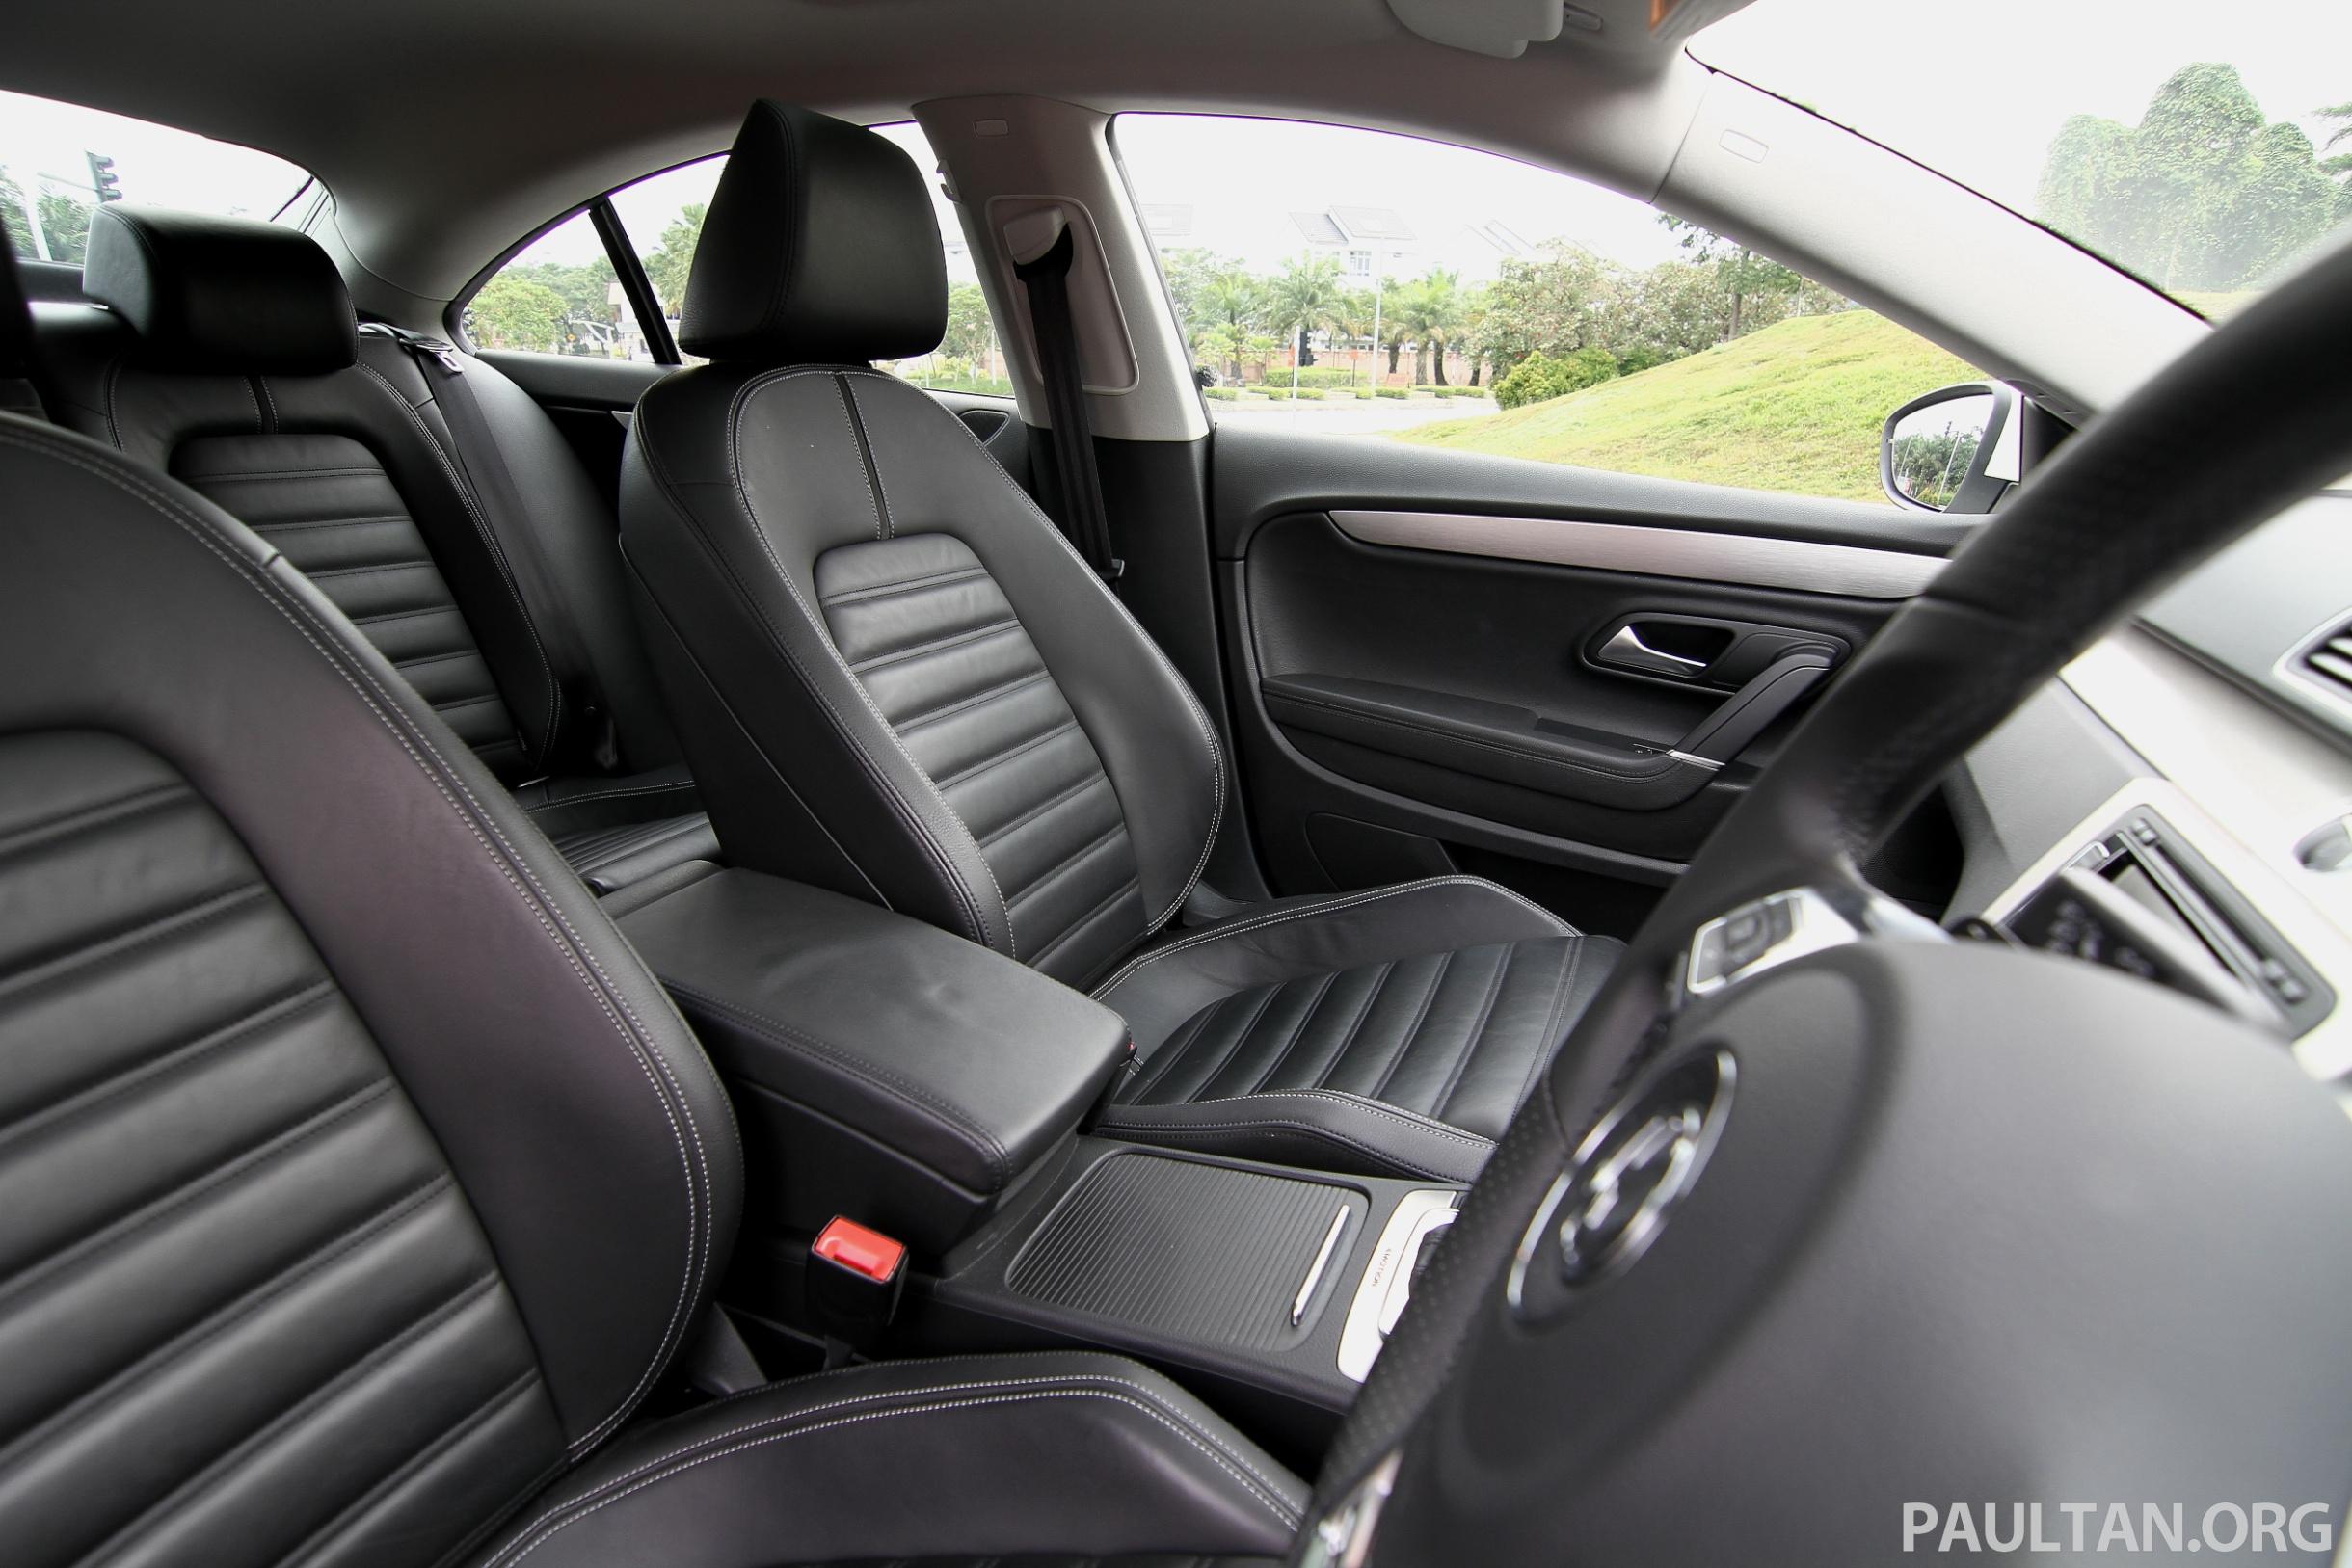 volkswagen passat cc r line 3 6l test drive review paul tan image 128198. Black Bedroom Furniture Sets. Home Design Ideas